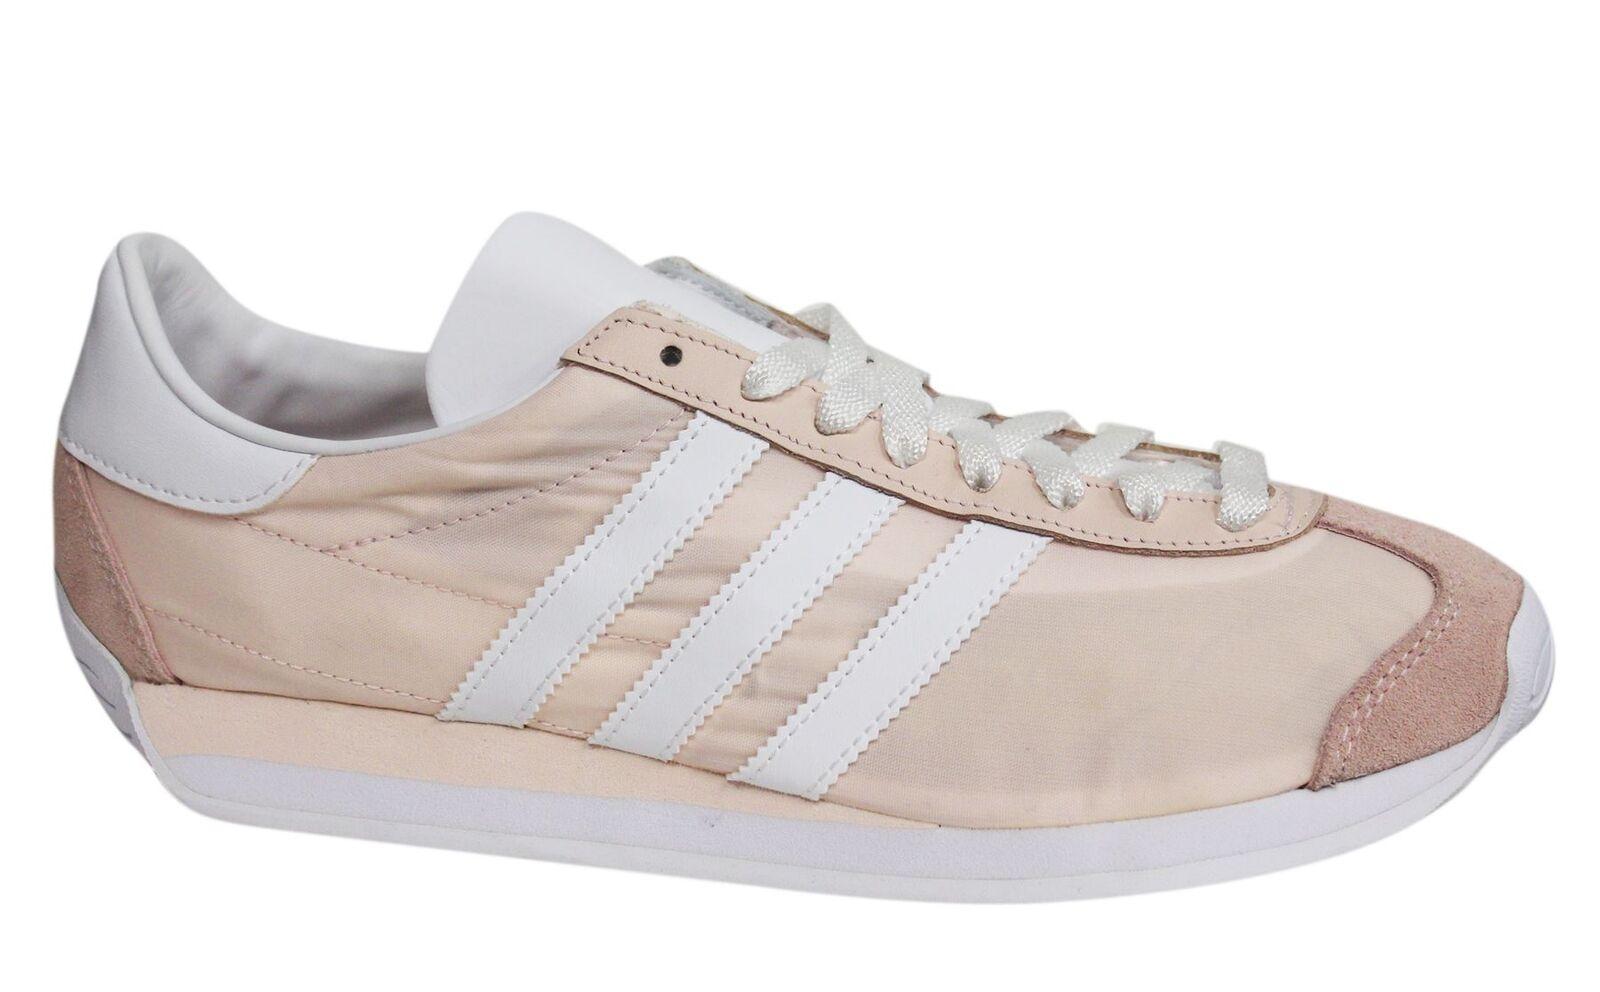 Adidas Originales país con Cordones para S32200 Mujer de Cuero Entrenadores S32200 para M2 Melocotón 880d53